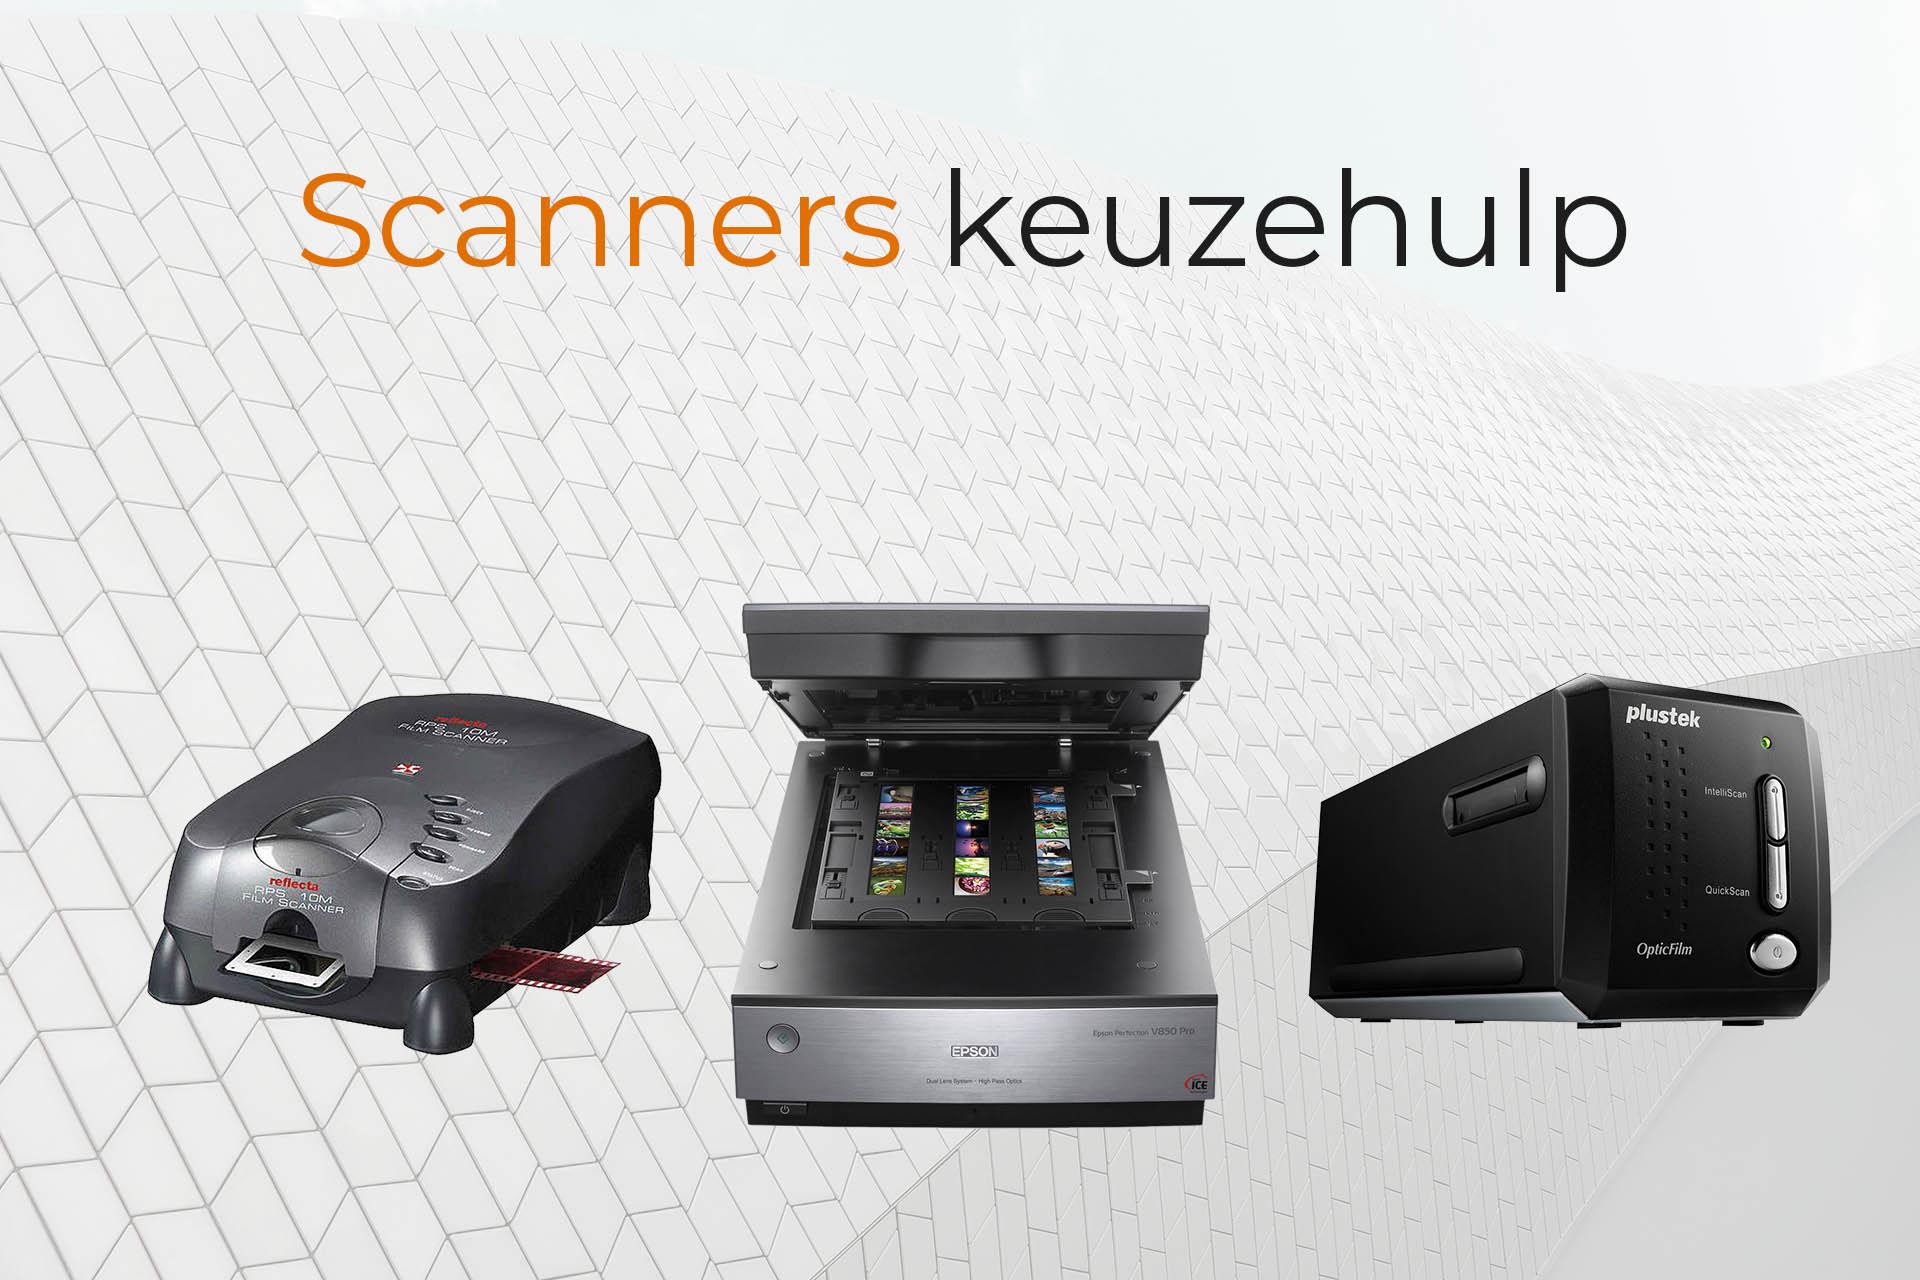 Filmscanners keuzehulp